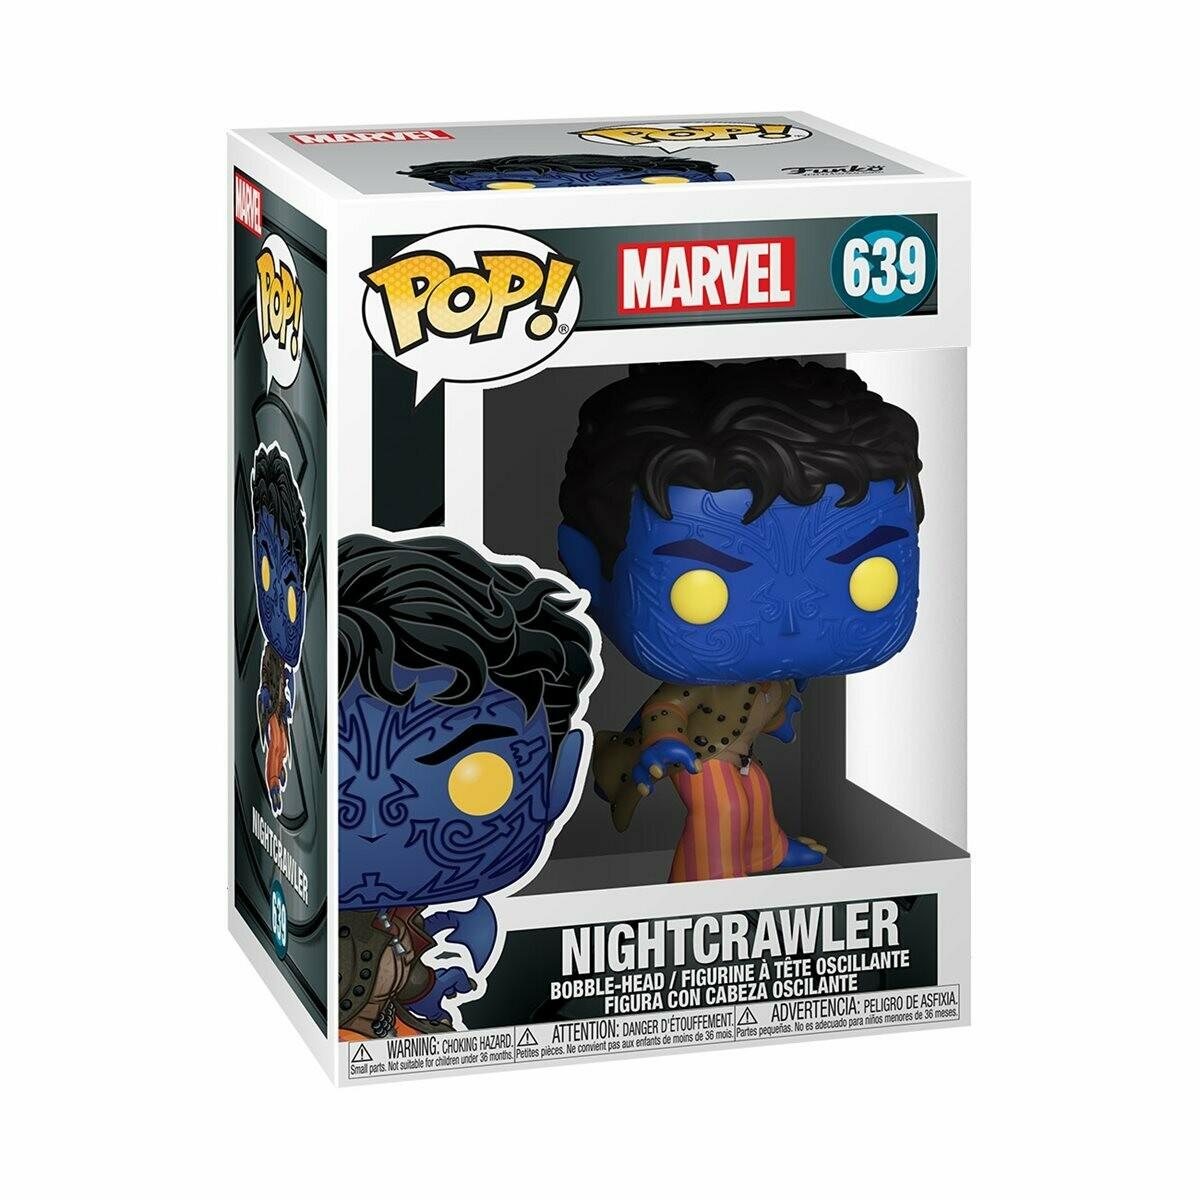 XMen Nightcrawler Funko